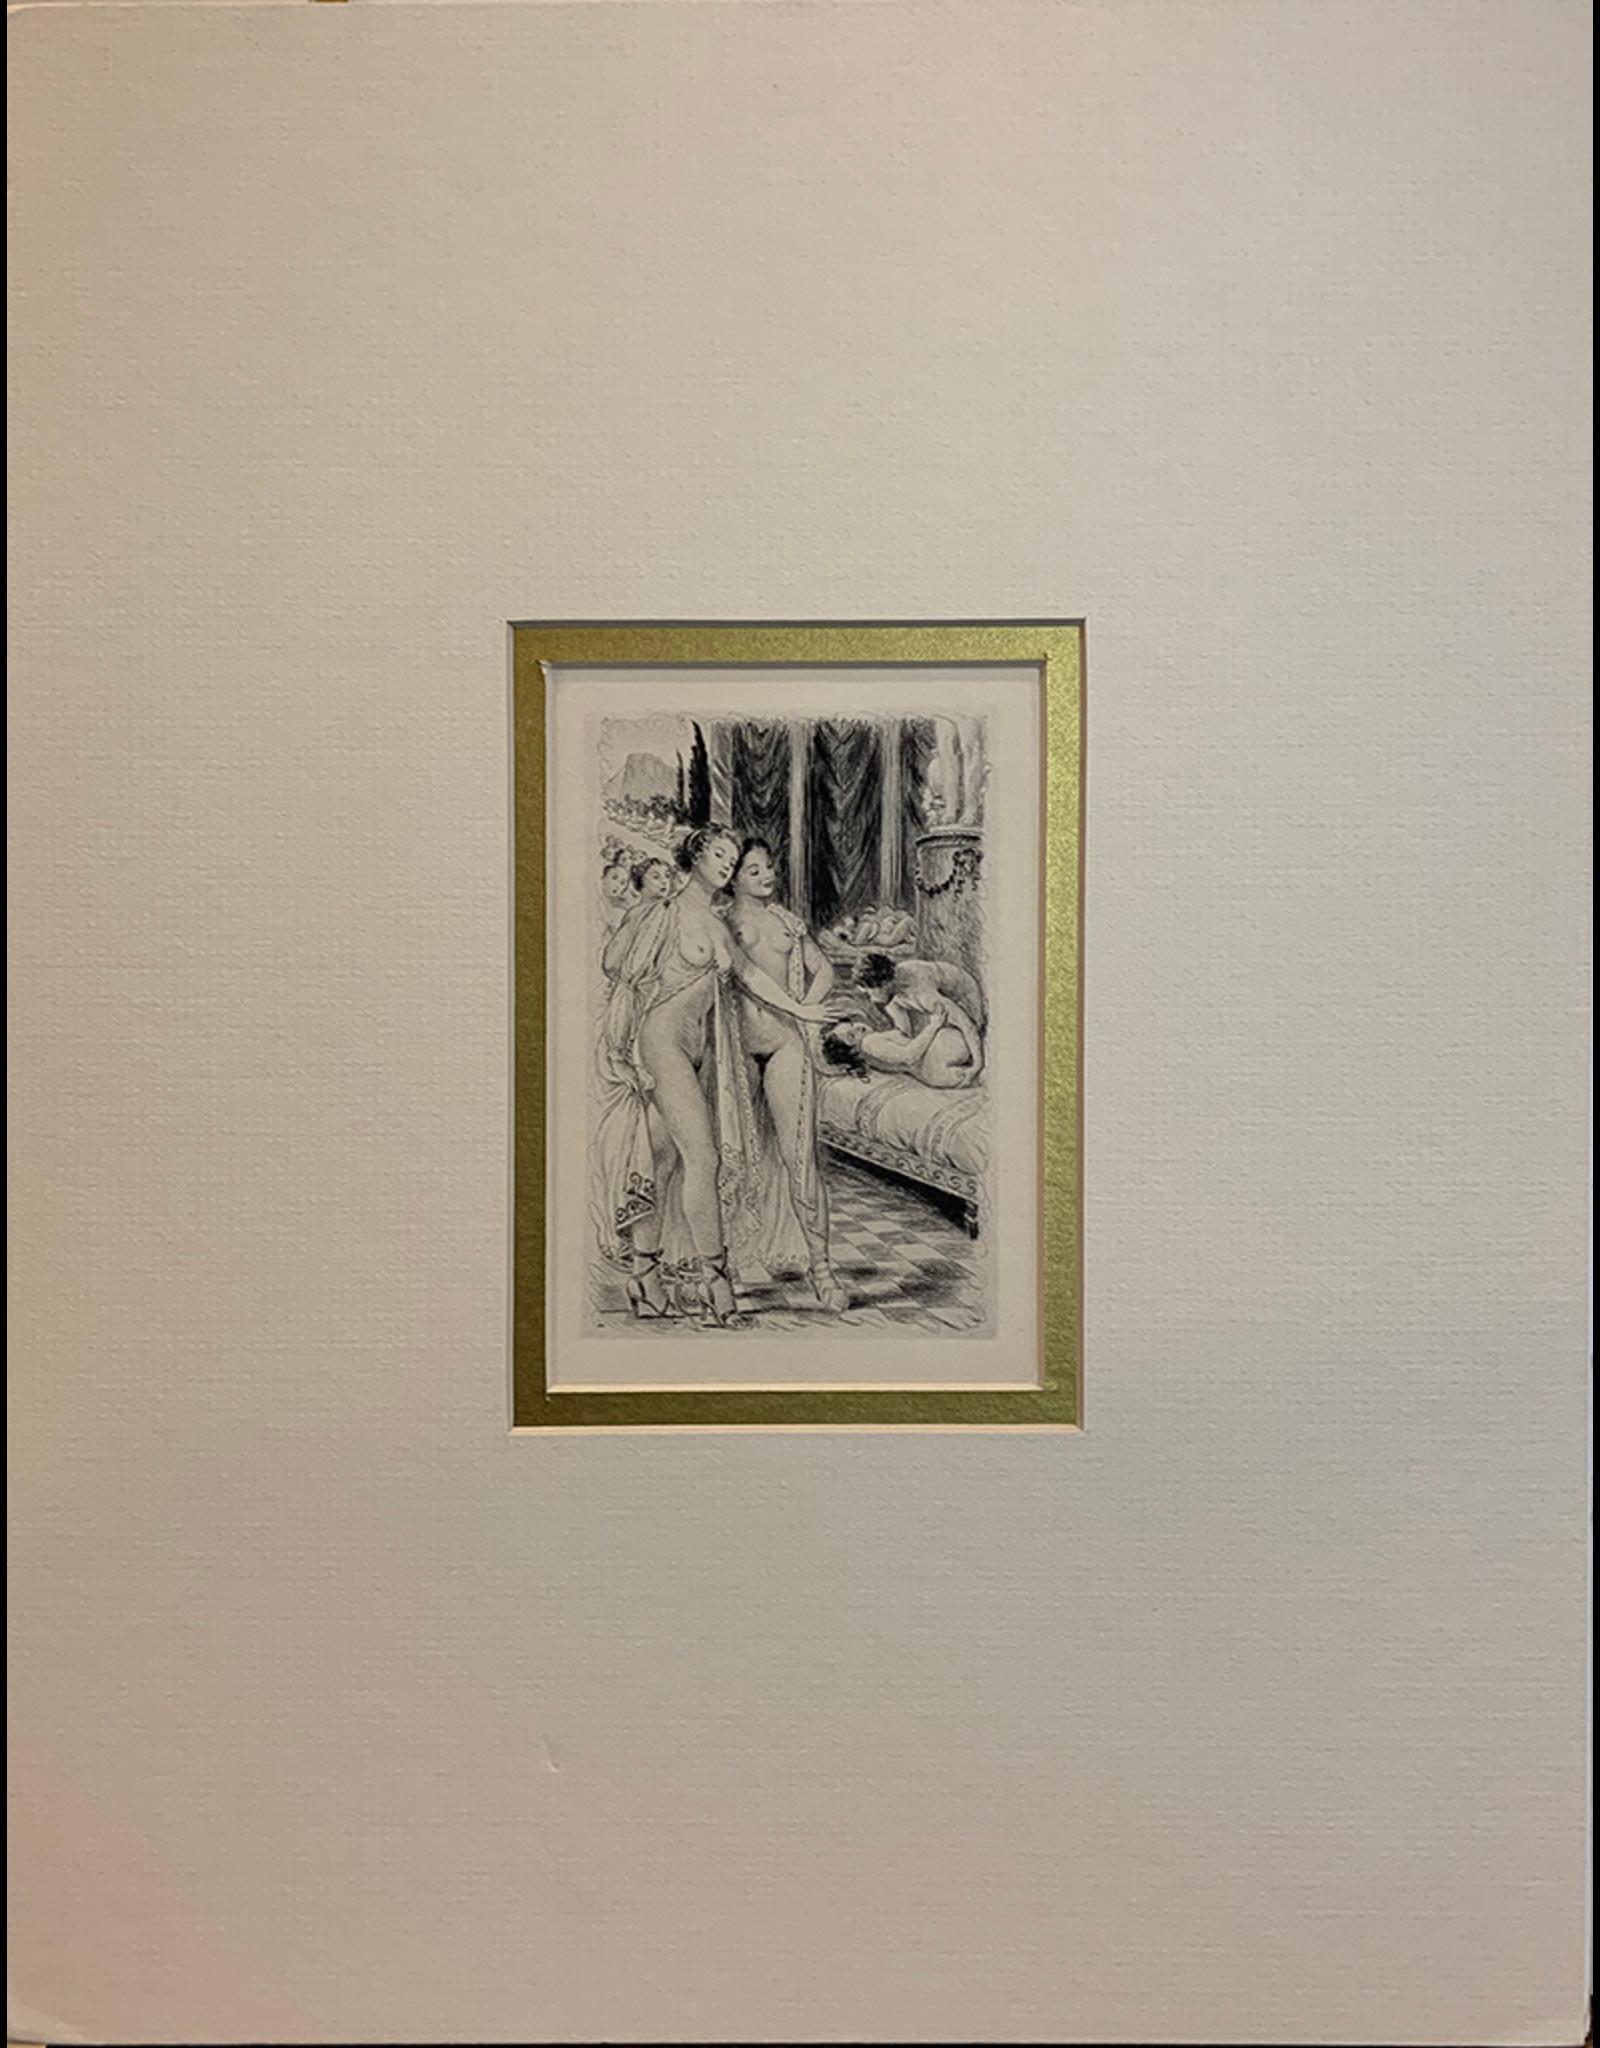 SPV Chimot, Two nude women in lace